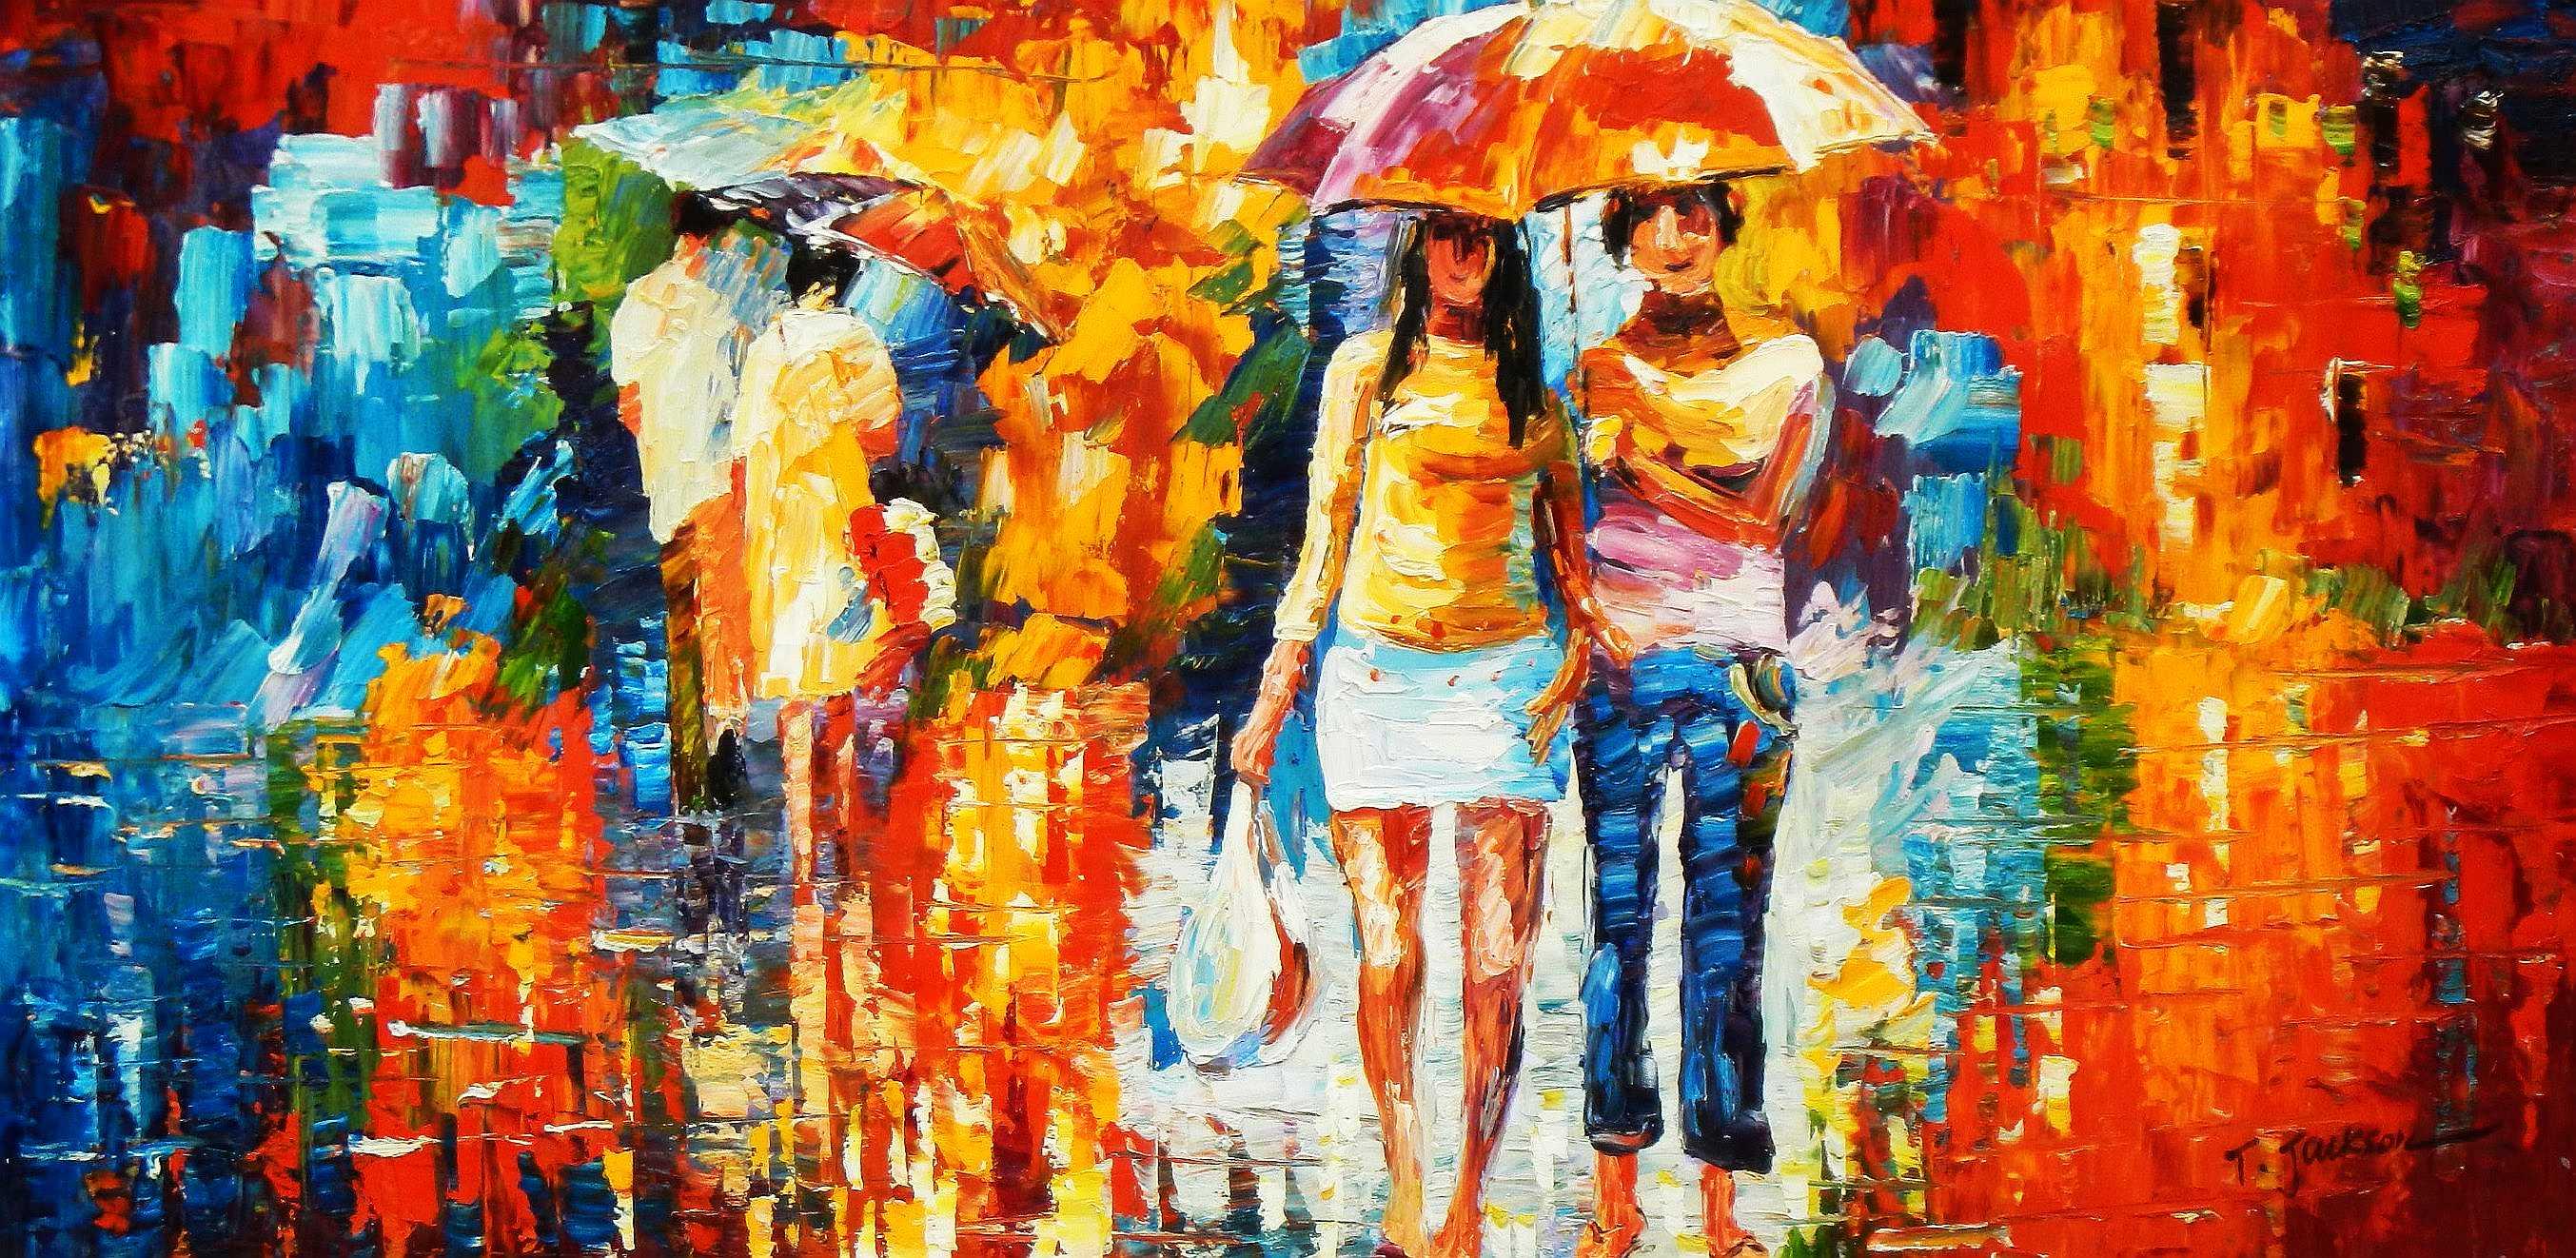 Modern Art - Umbrella walk f95232 60x120cm modernes Ölgemälde